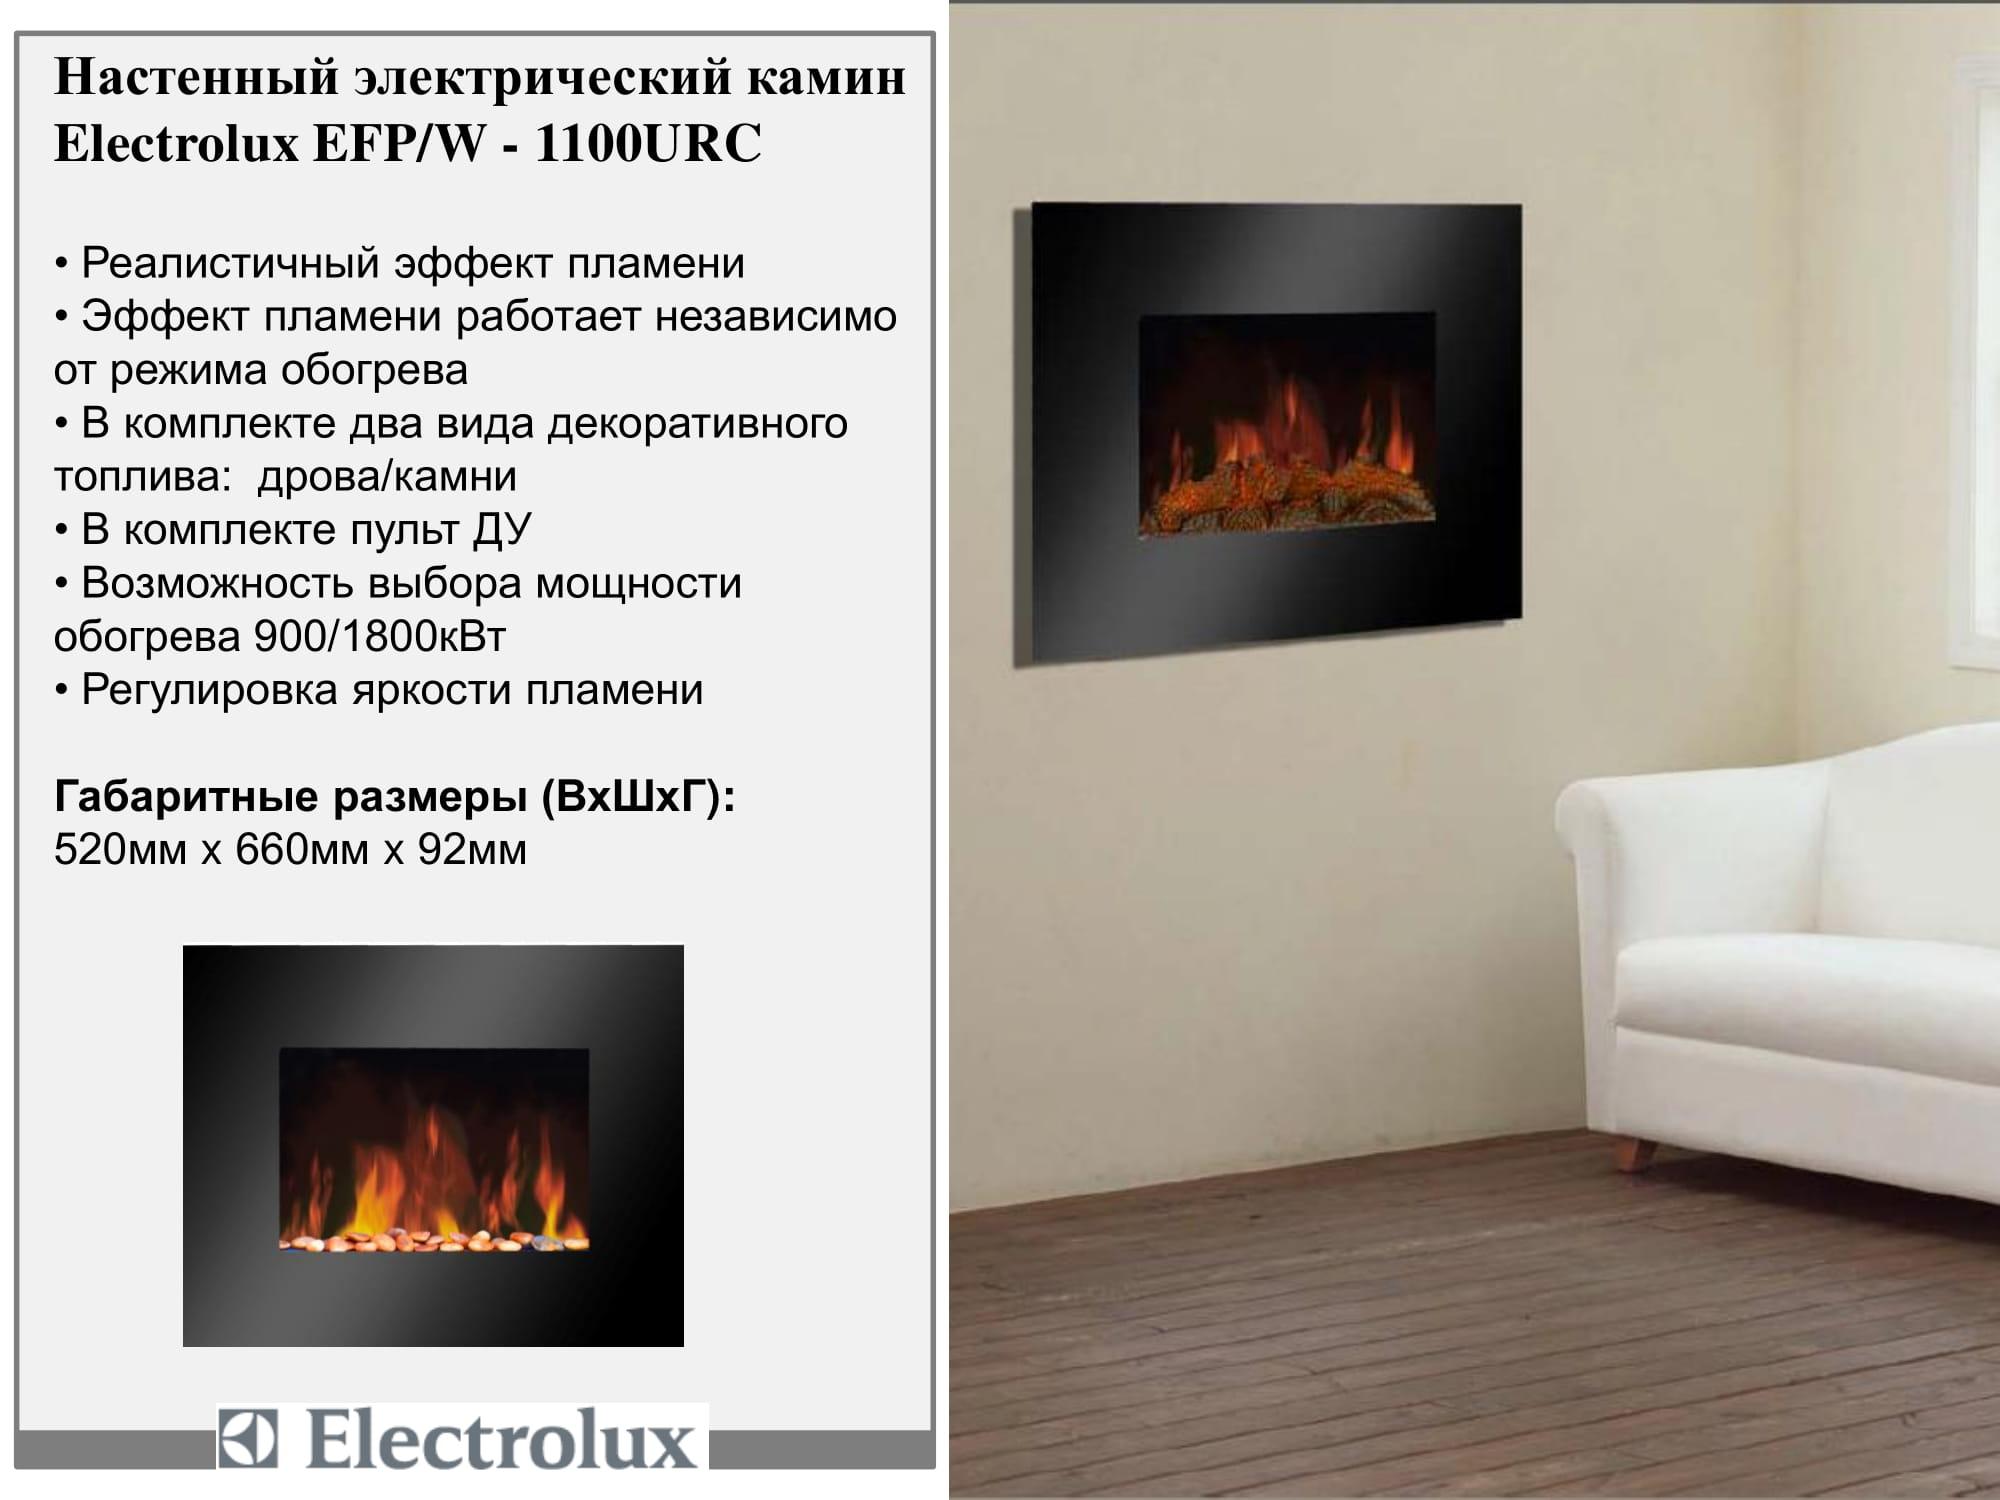 Electrolux EFP/W-1100URC